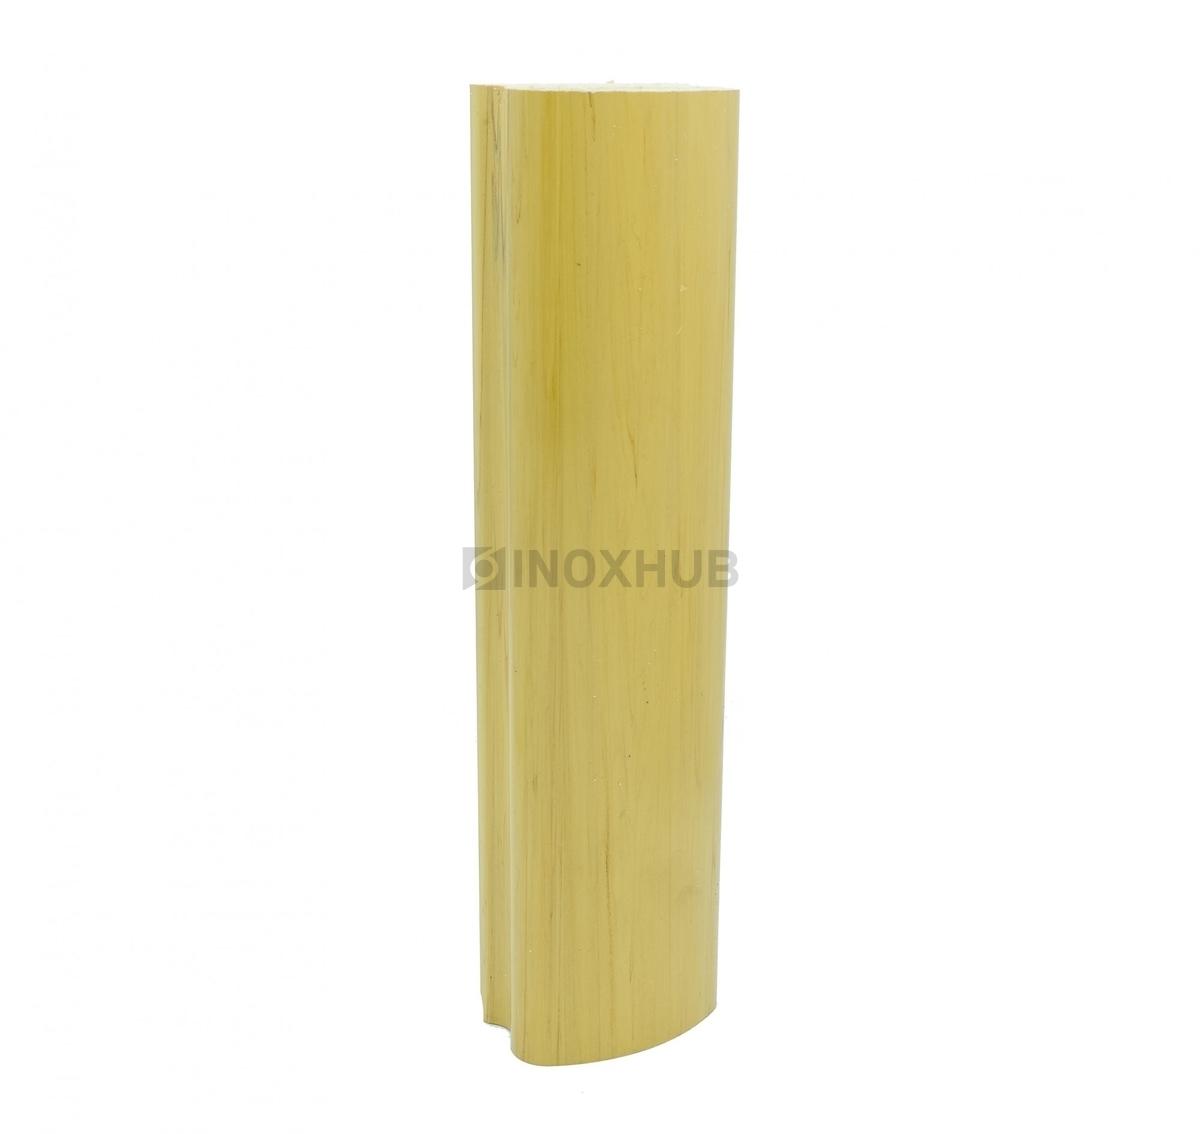 Пластиковый поручень фигурный цвет светлый Бук 40.0x60.0x4000мм